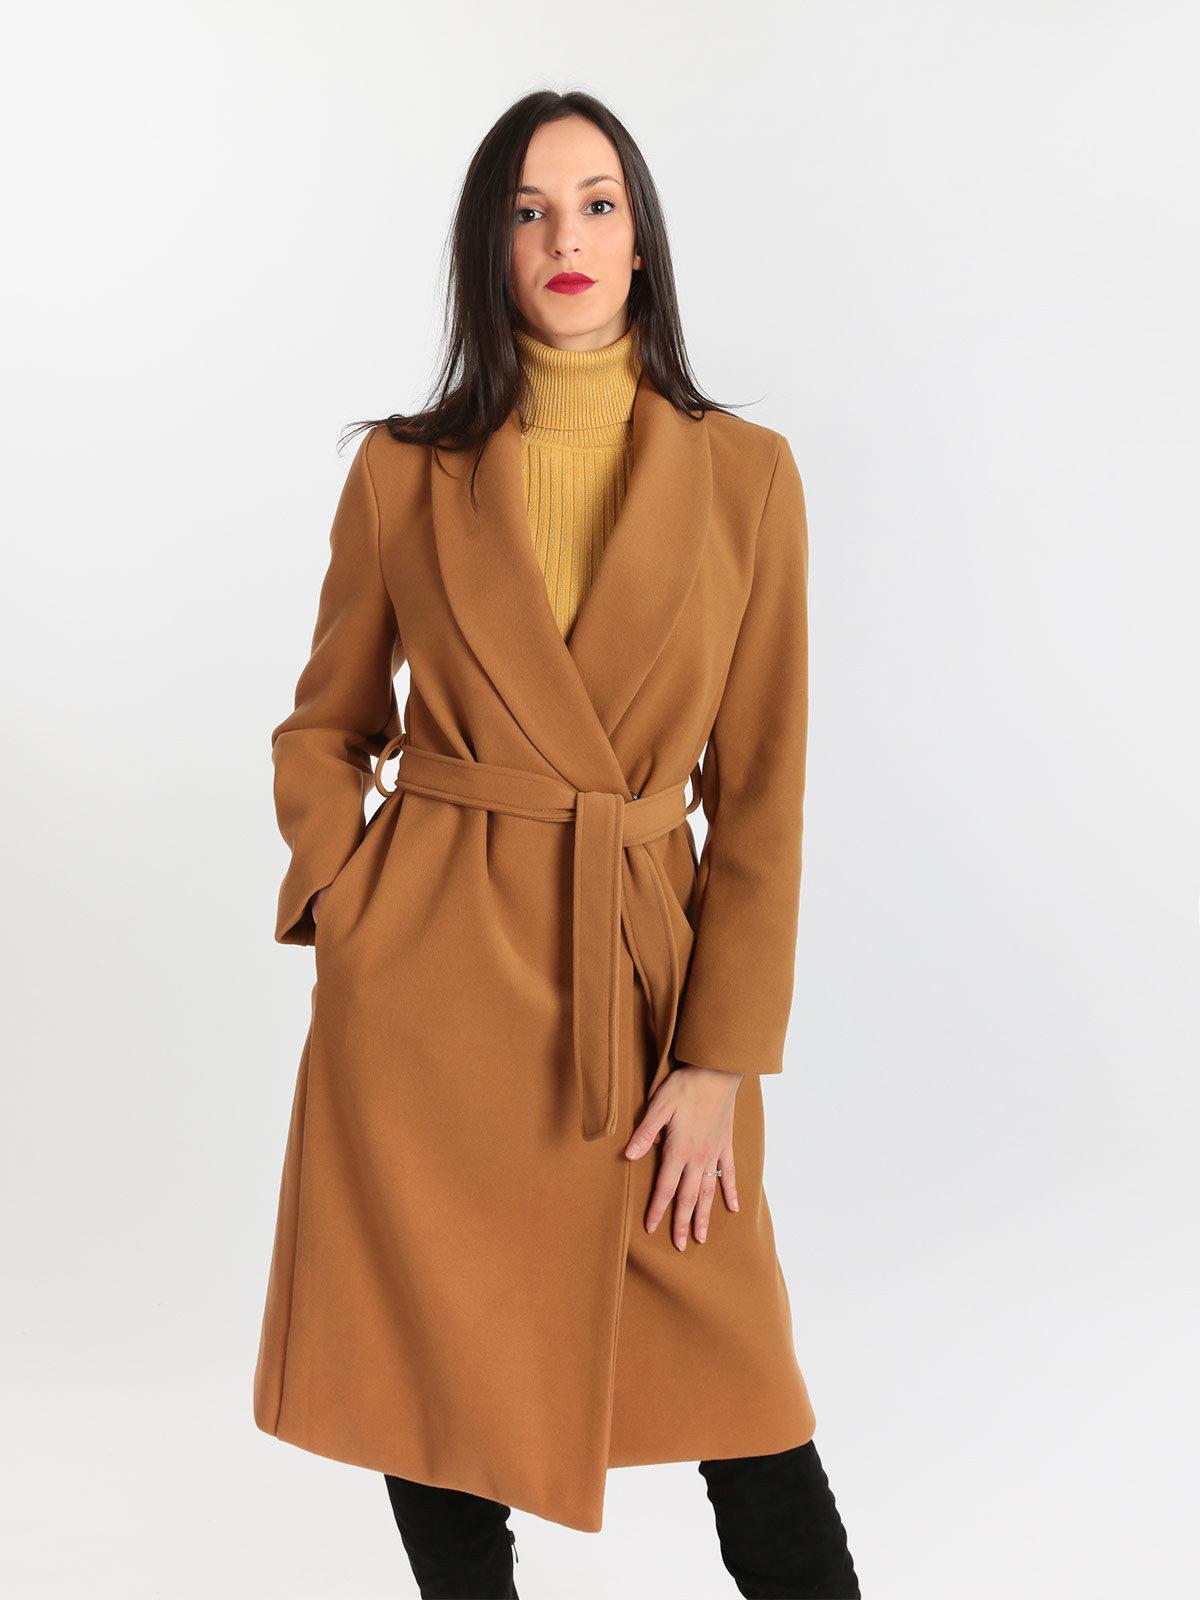 Bellissimo abito lungo con cappotto lungo. Stivali e borsa